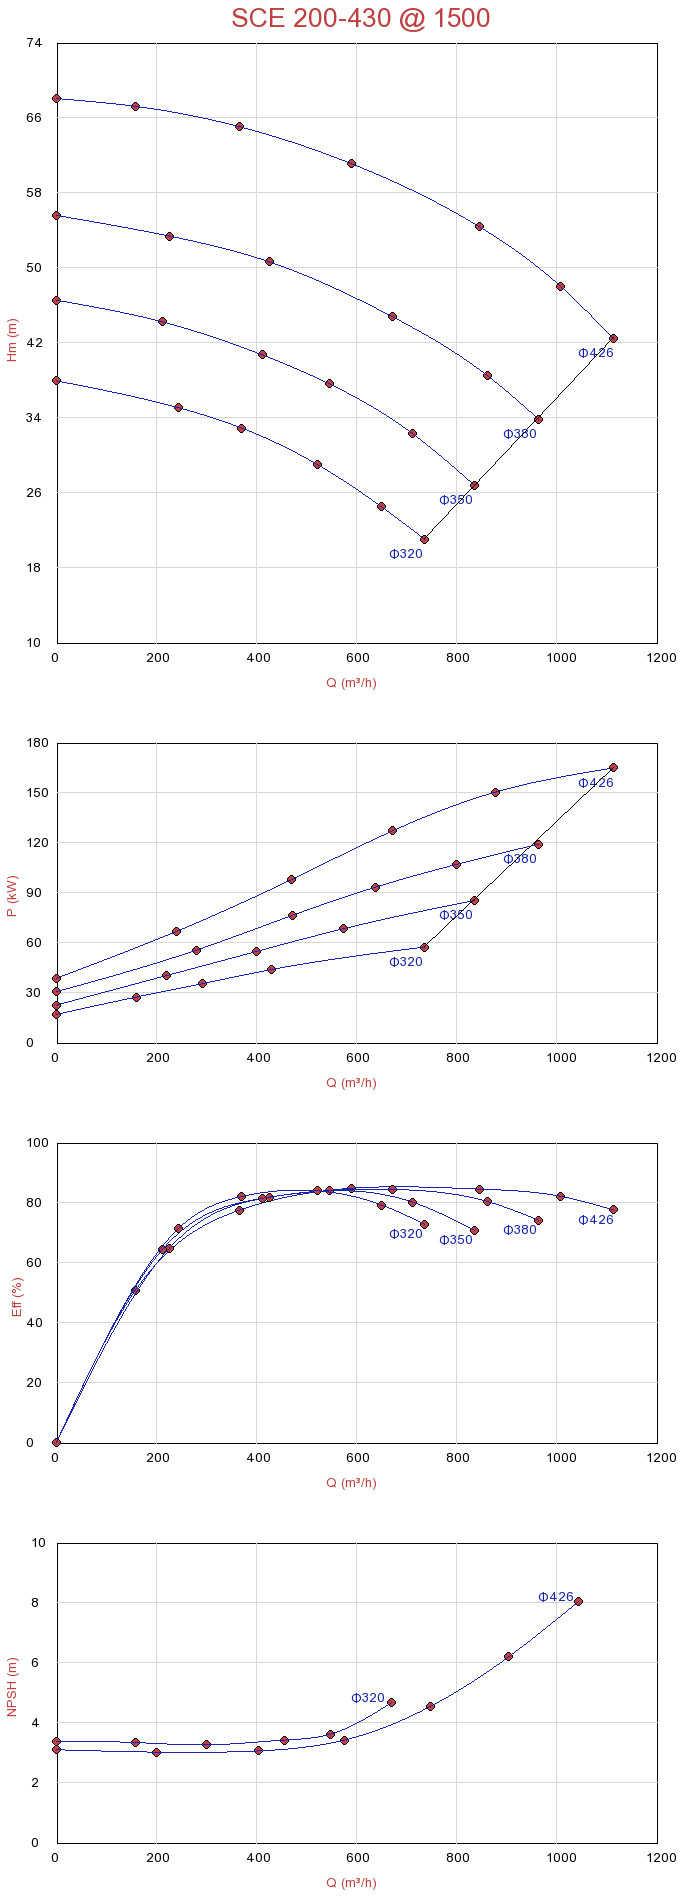 Biểu đồ lưu lượng máy bơm ly tâm hút đôi Sempa SCE 200-430